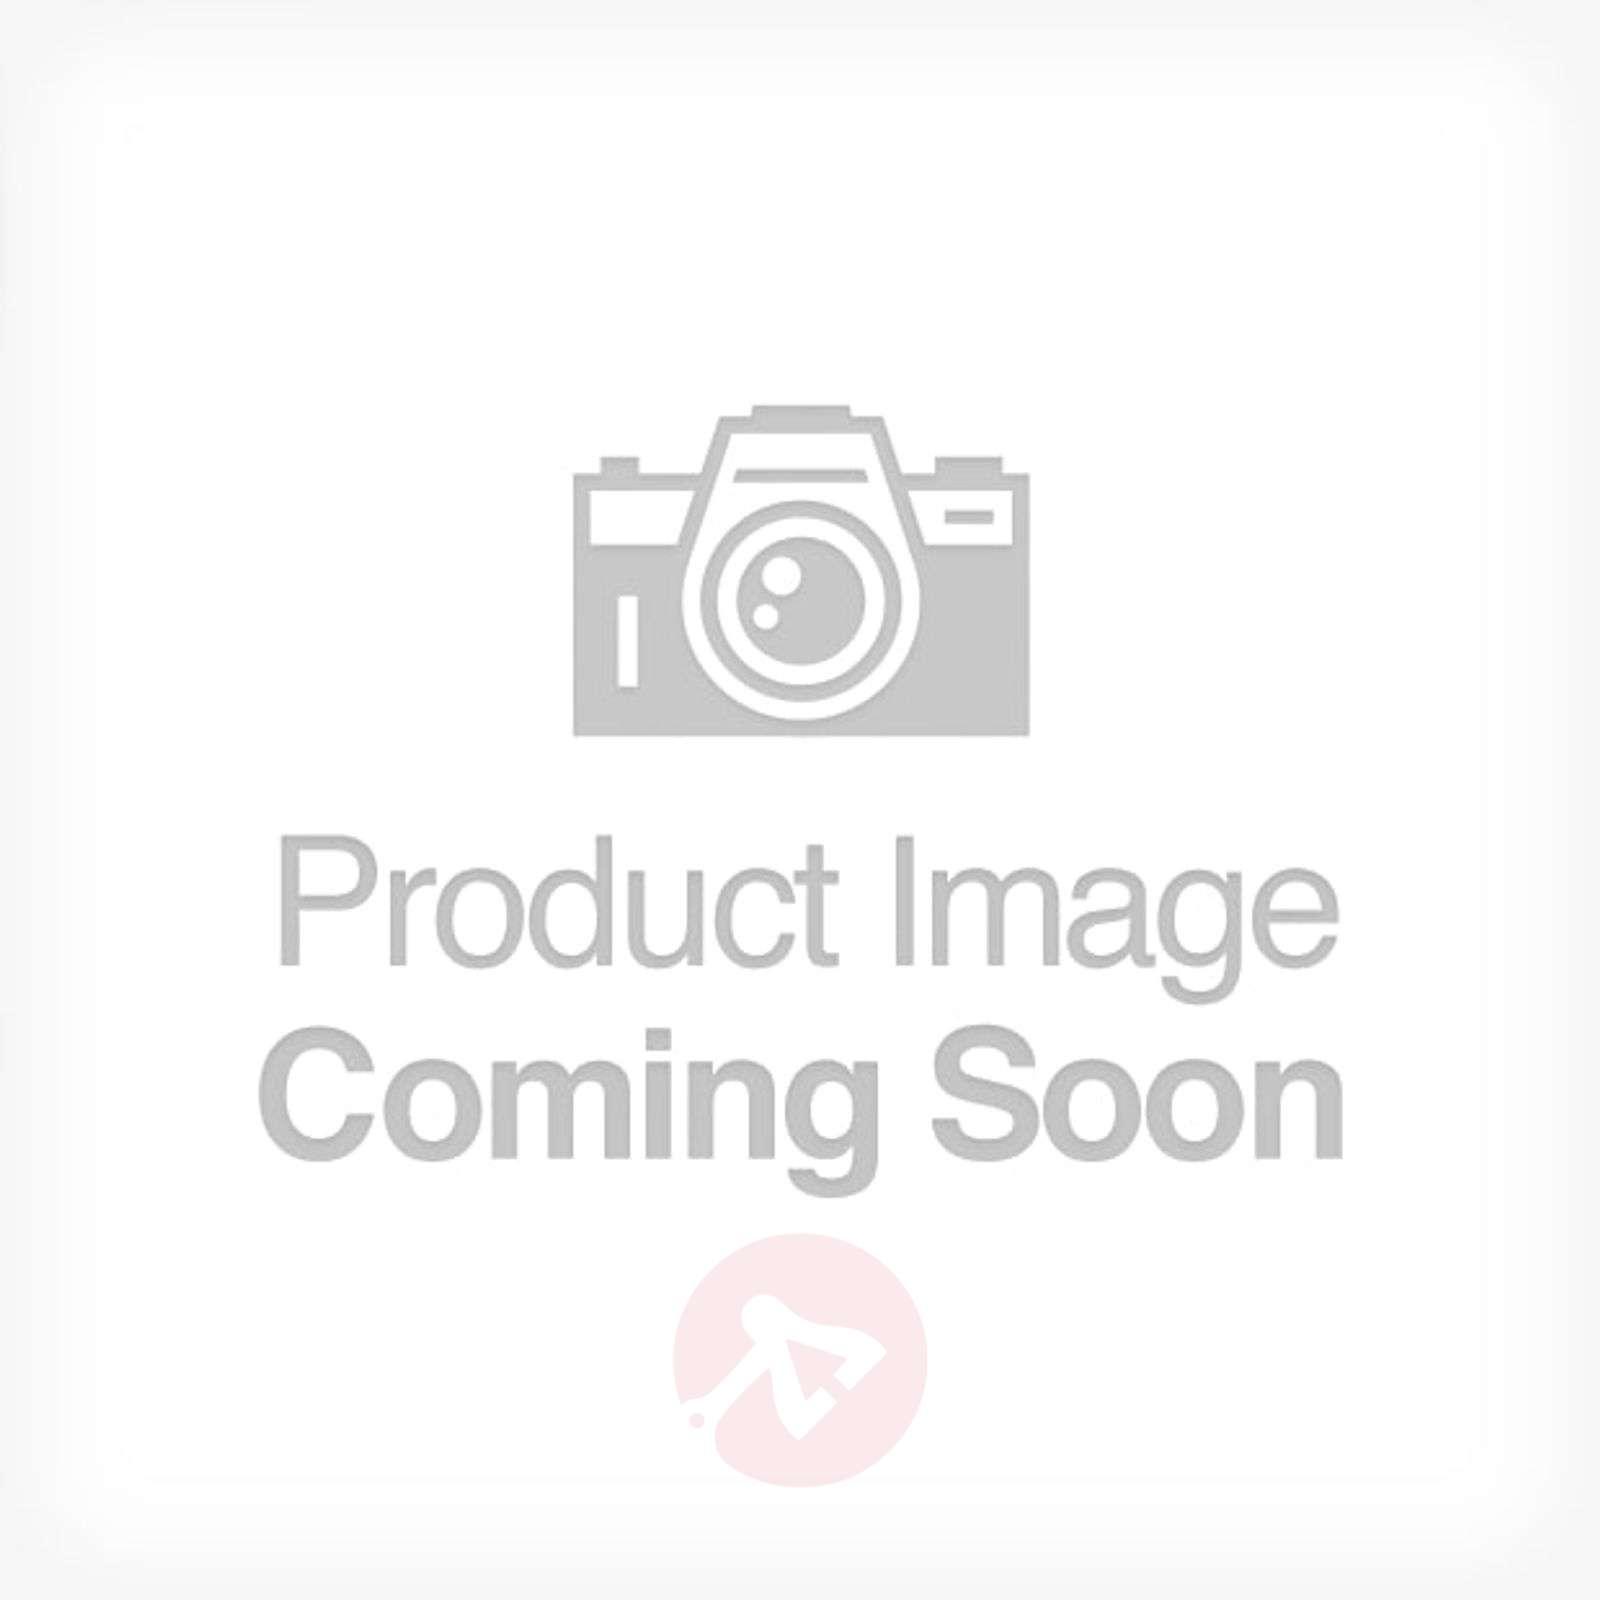 Peili sovitinpakkaus Arezzo-1020018-03